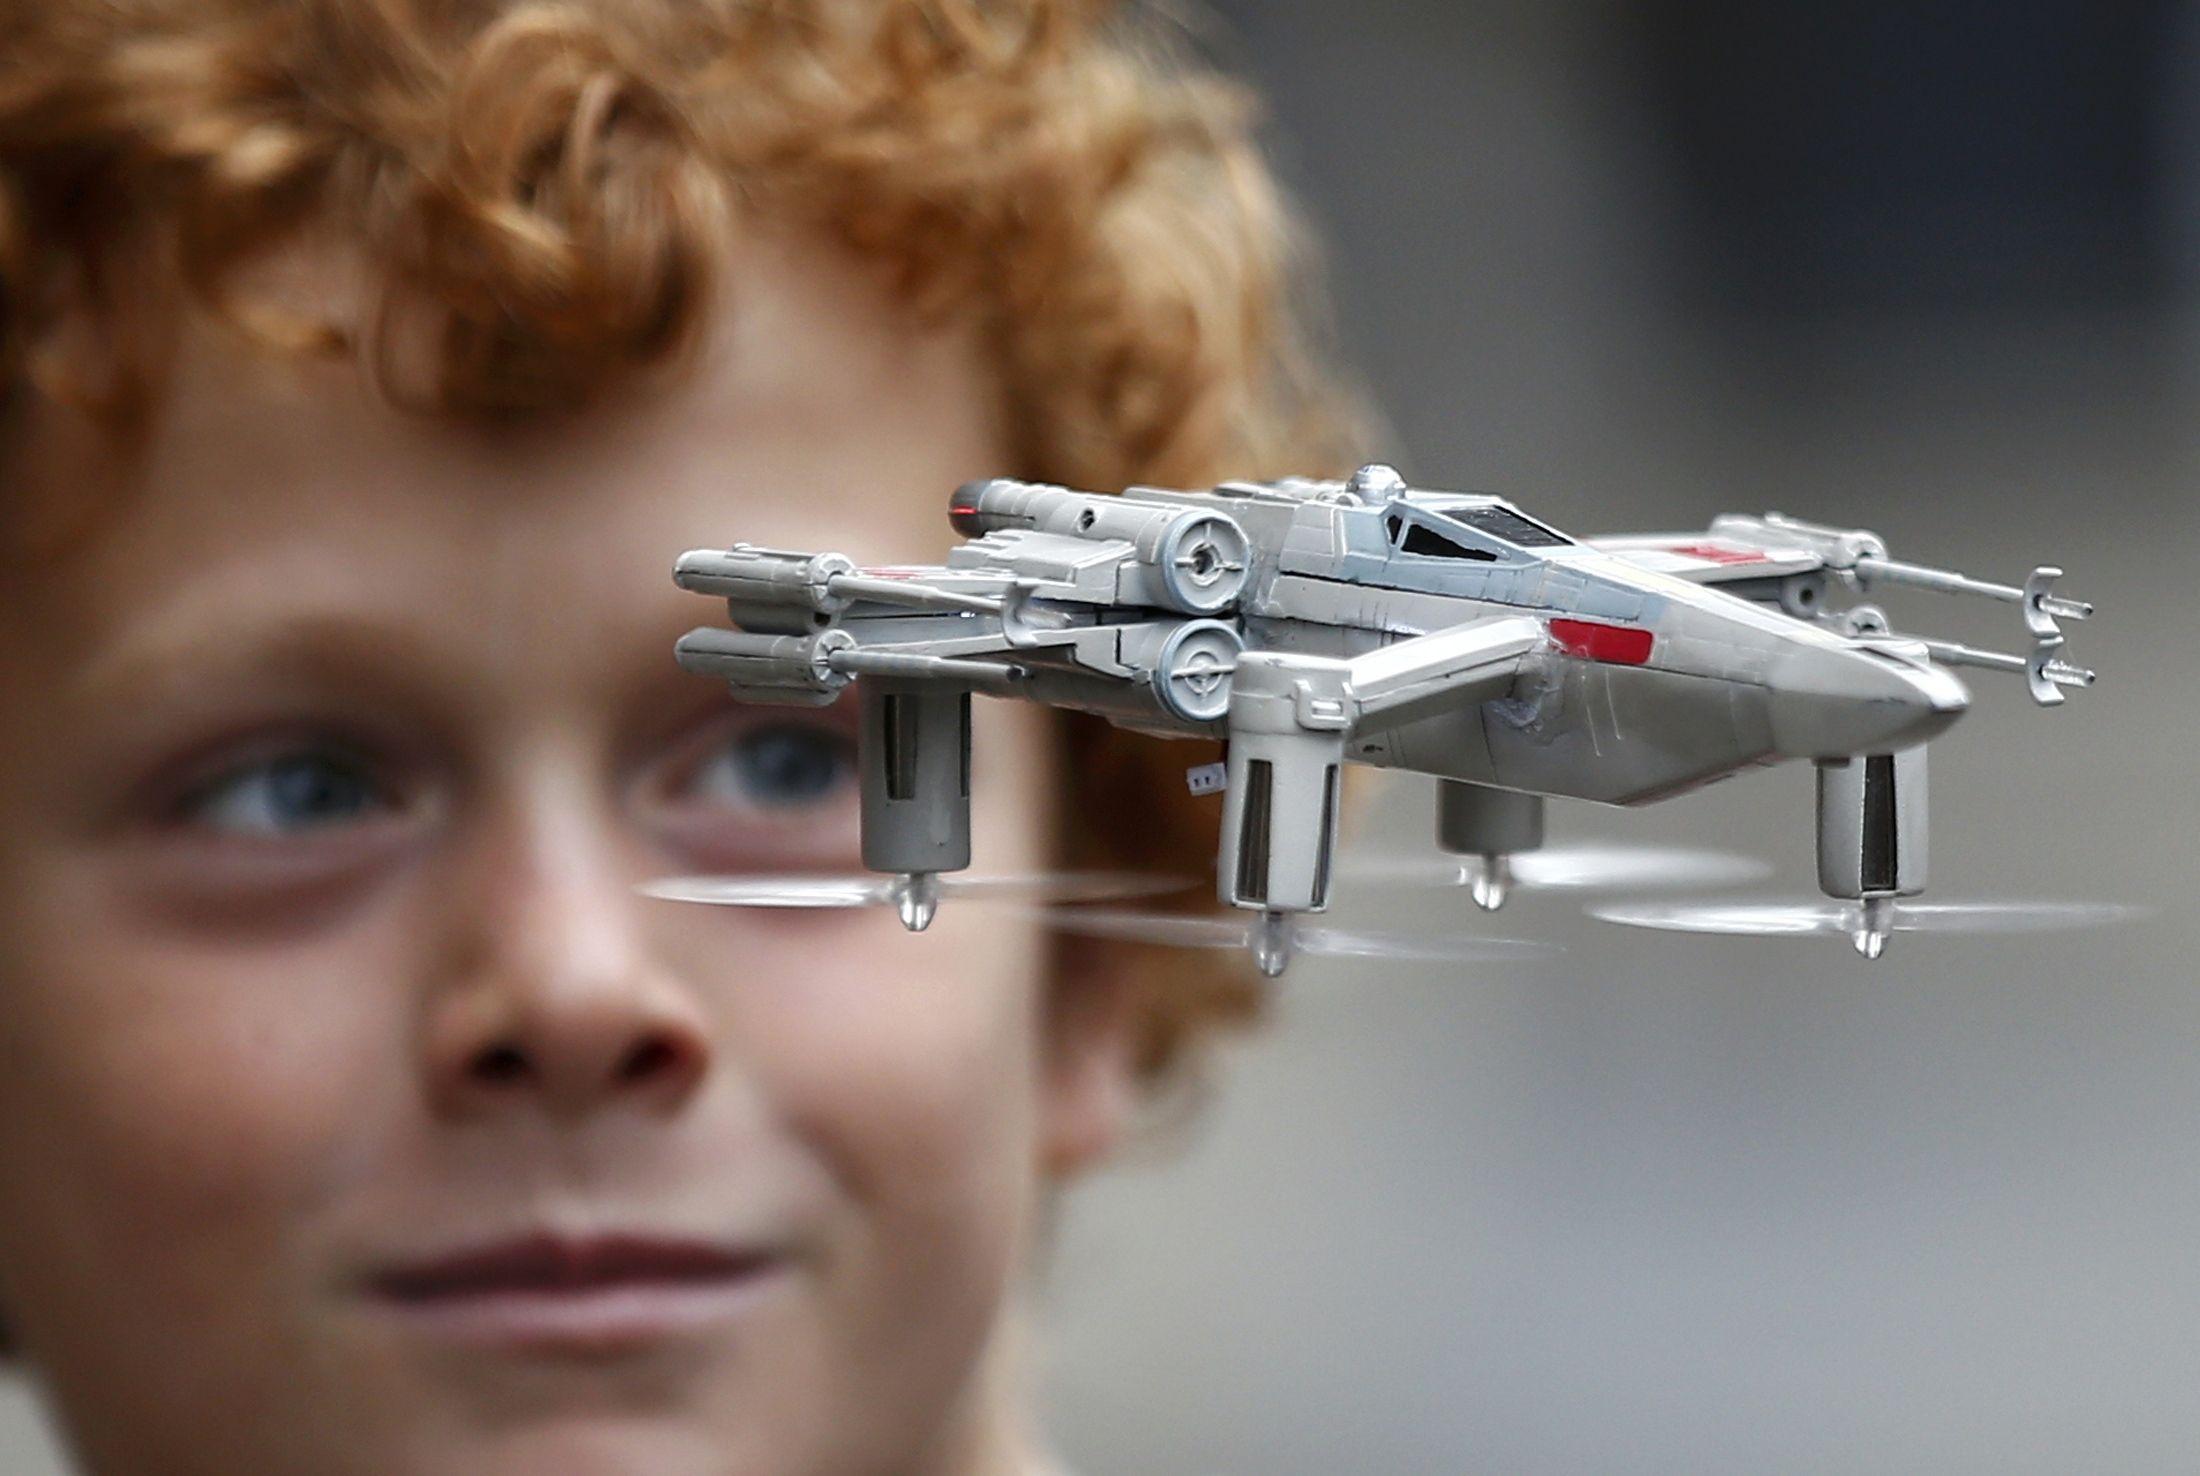 11_06_Cop_Drones_01